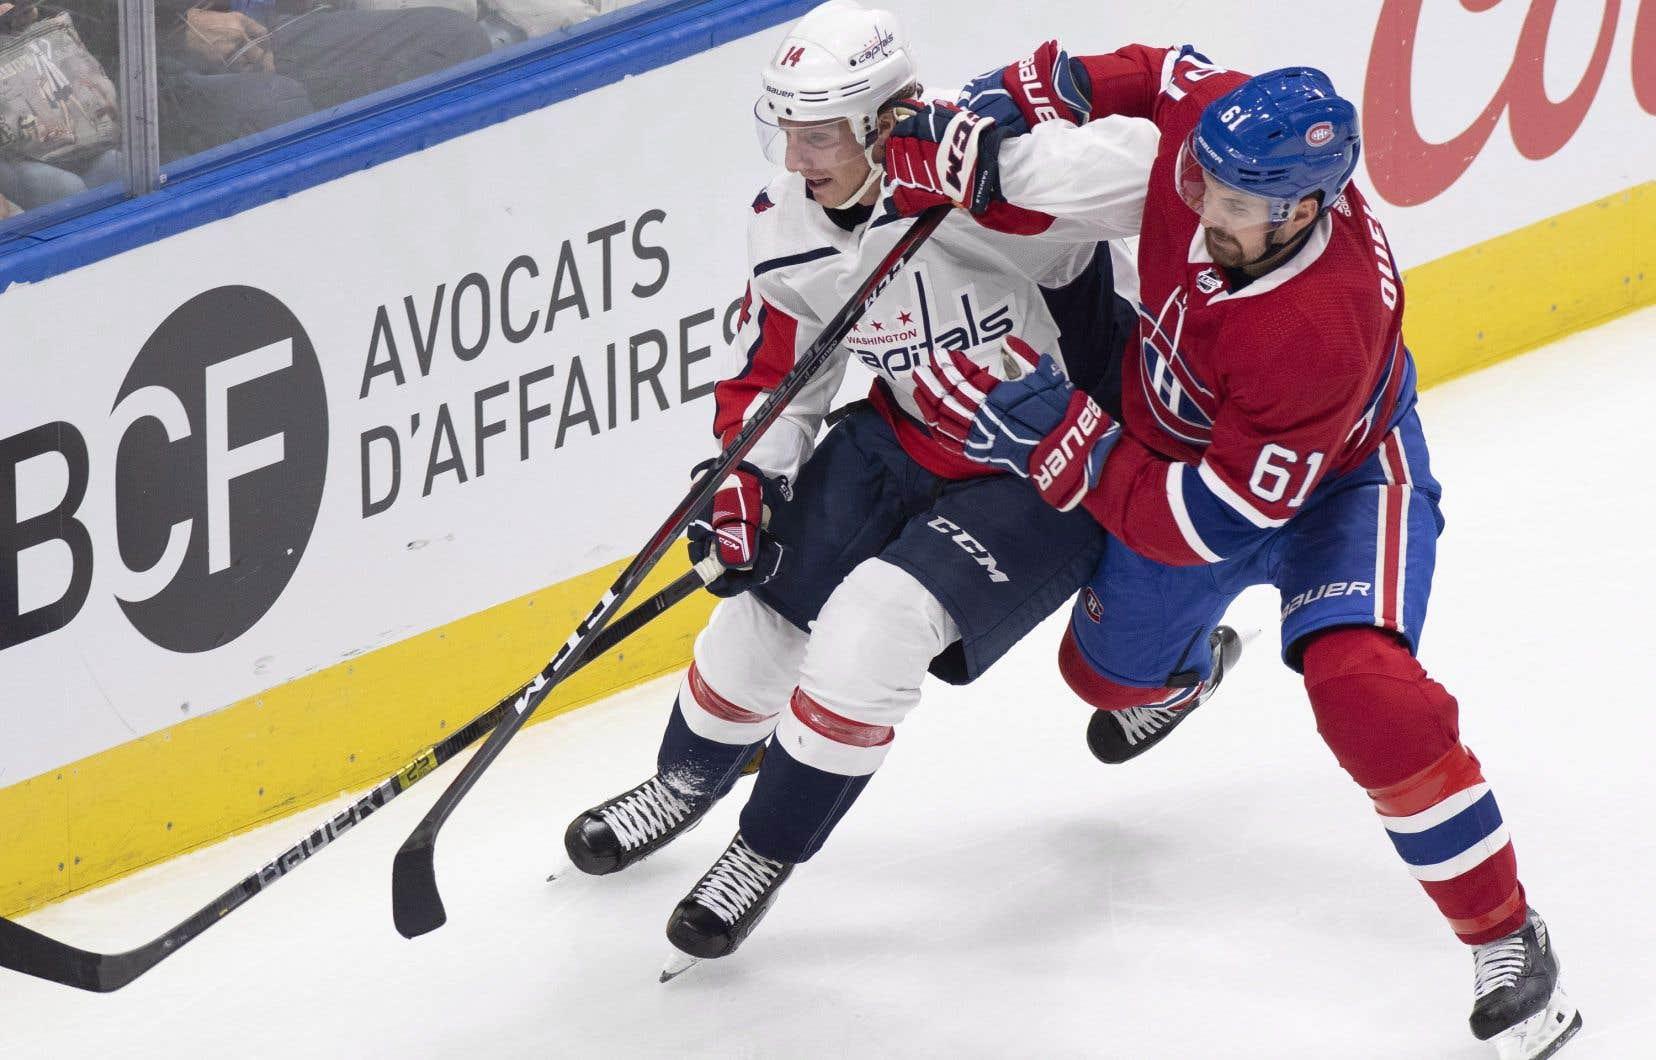 Ouellet, qui connaissait déjà un bon camp, a aidé sa cause avec une performance de deux buts — ses premiers points du camp — dans le gain de 5-1 contre les Maple Leafs de Toronto, lundi soir.